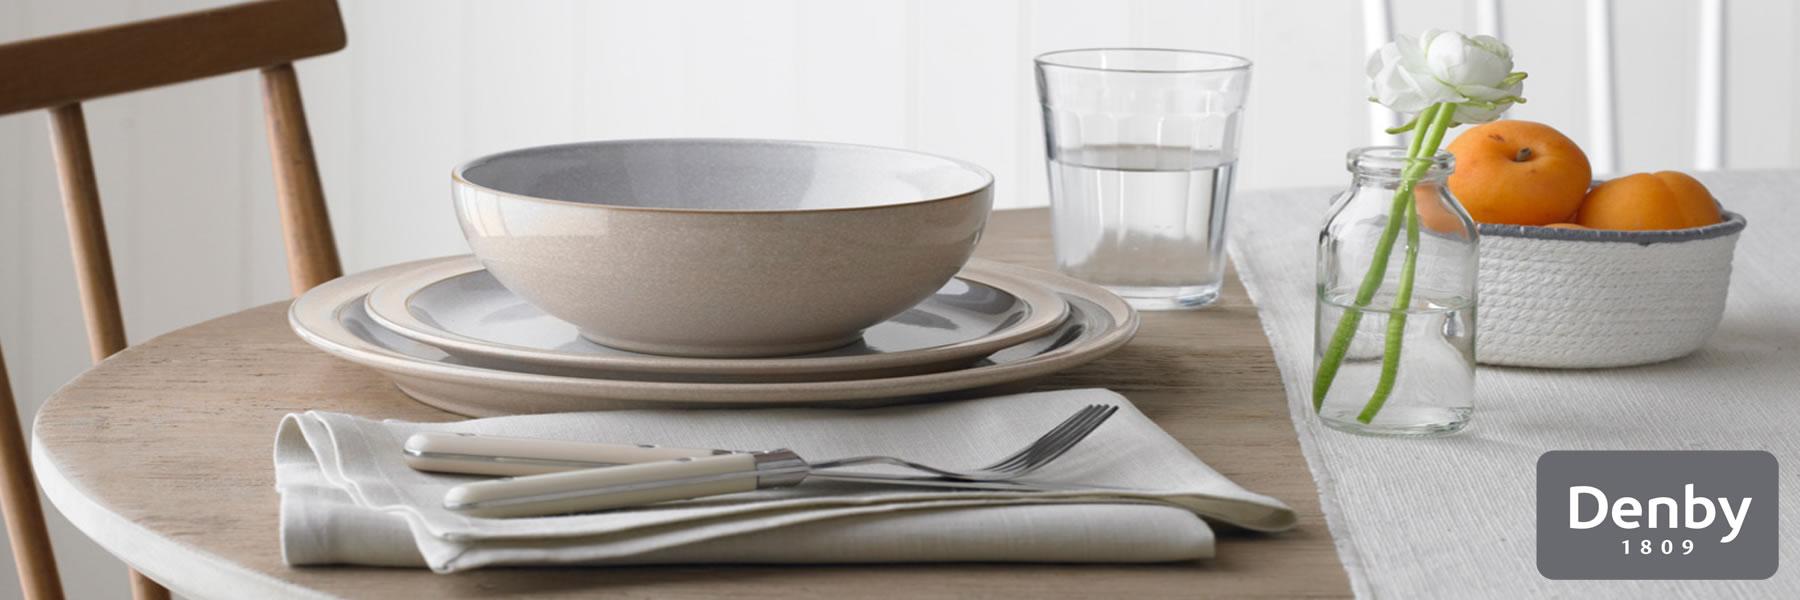 Denby Tableware